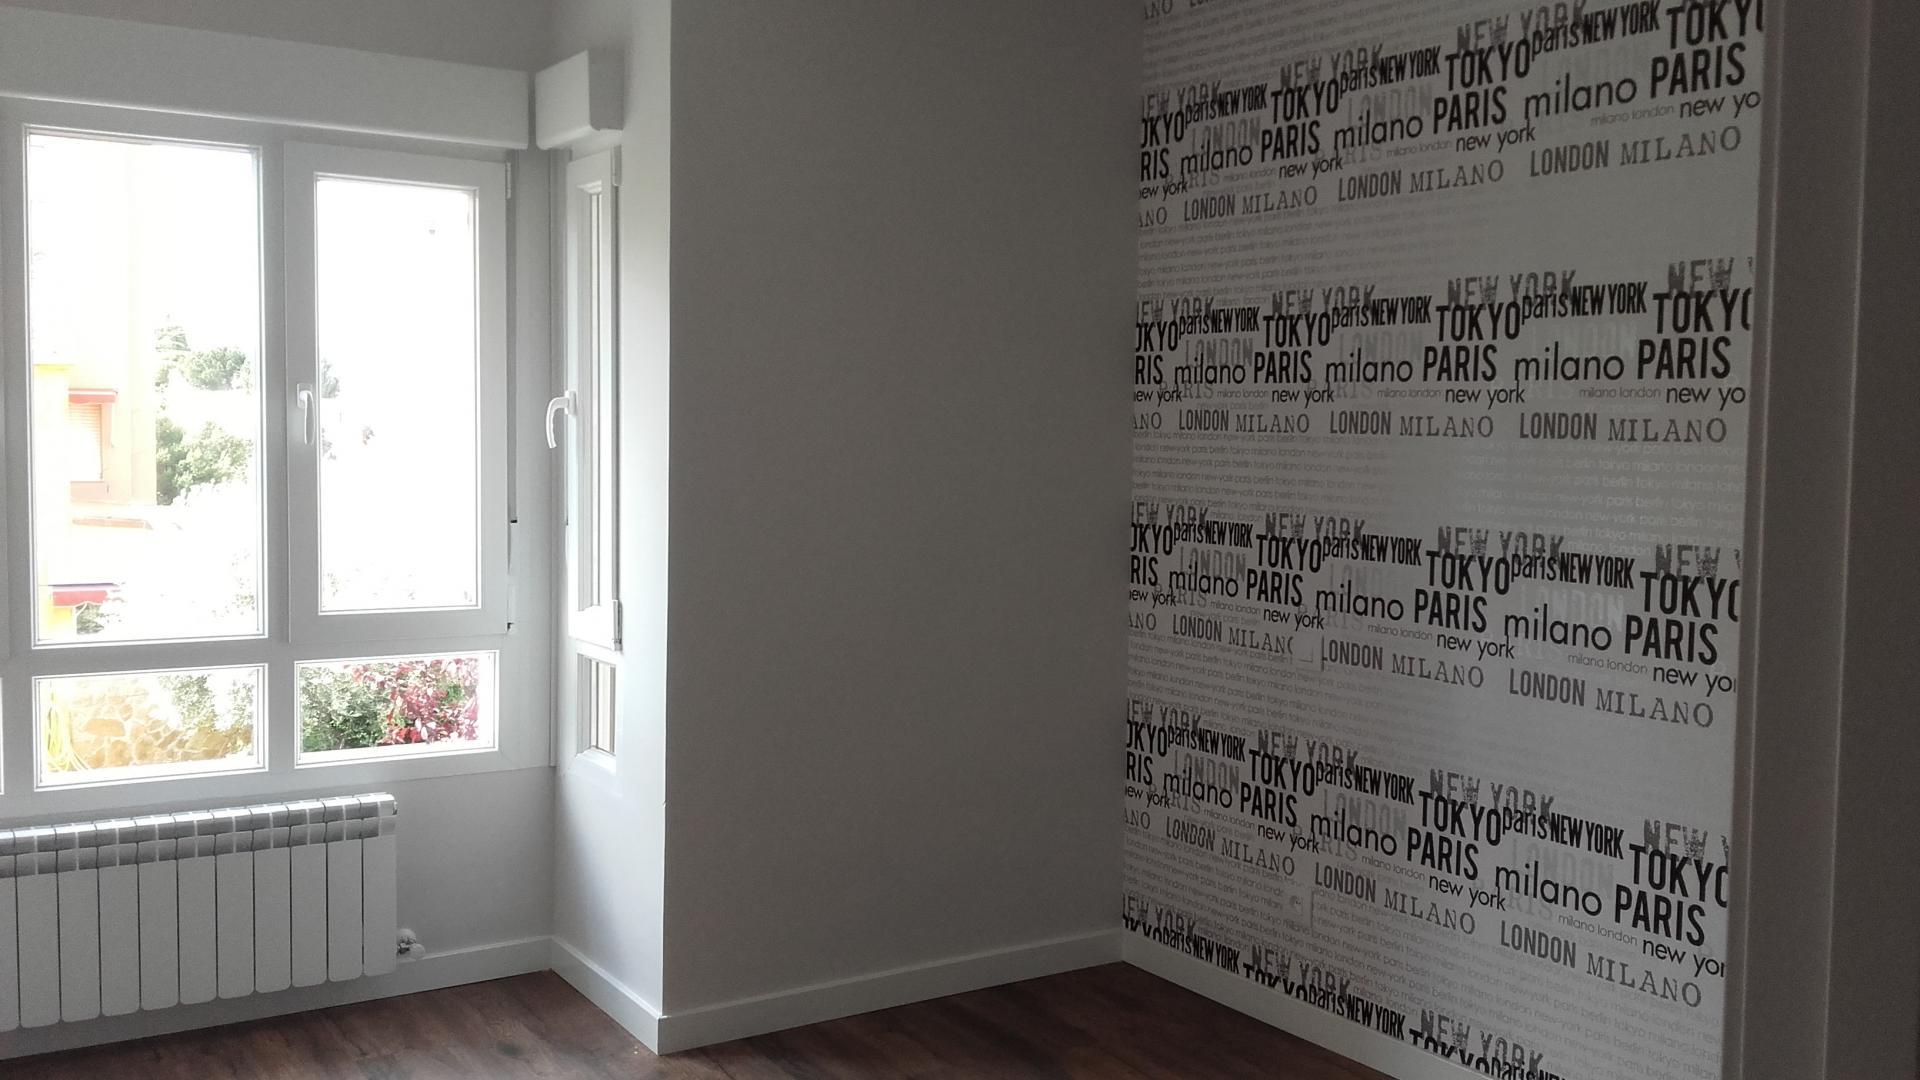 Reforma chalet de 350 m2 en pozuelo - Precio reforma bano 4 m2 ...